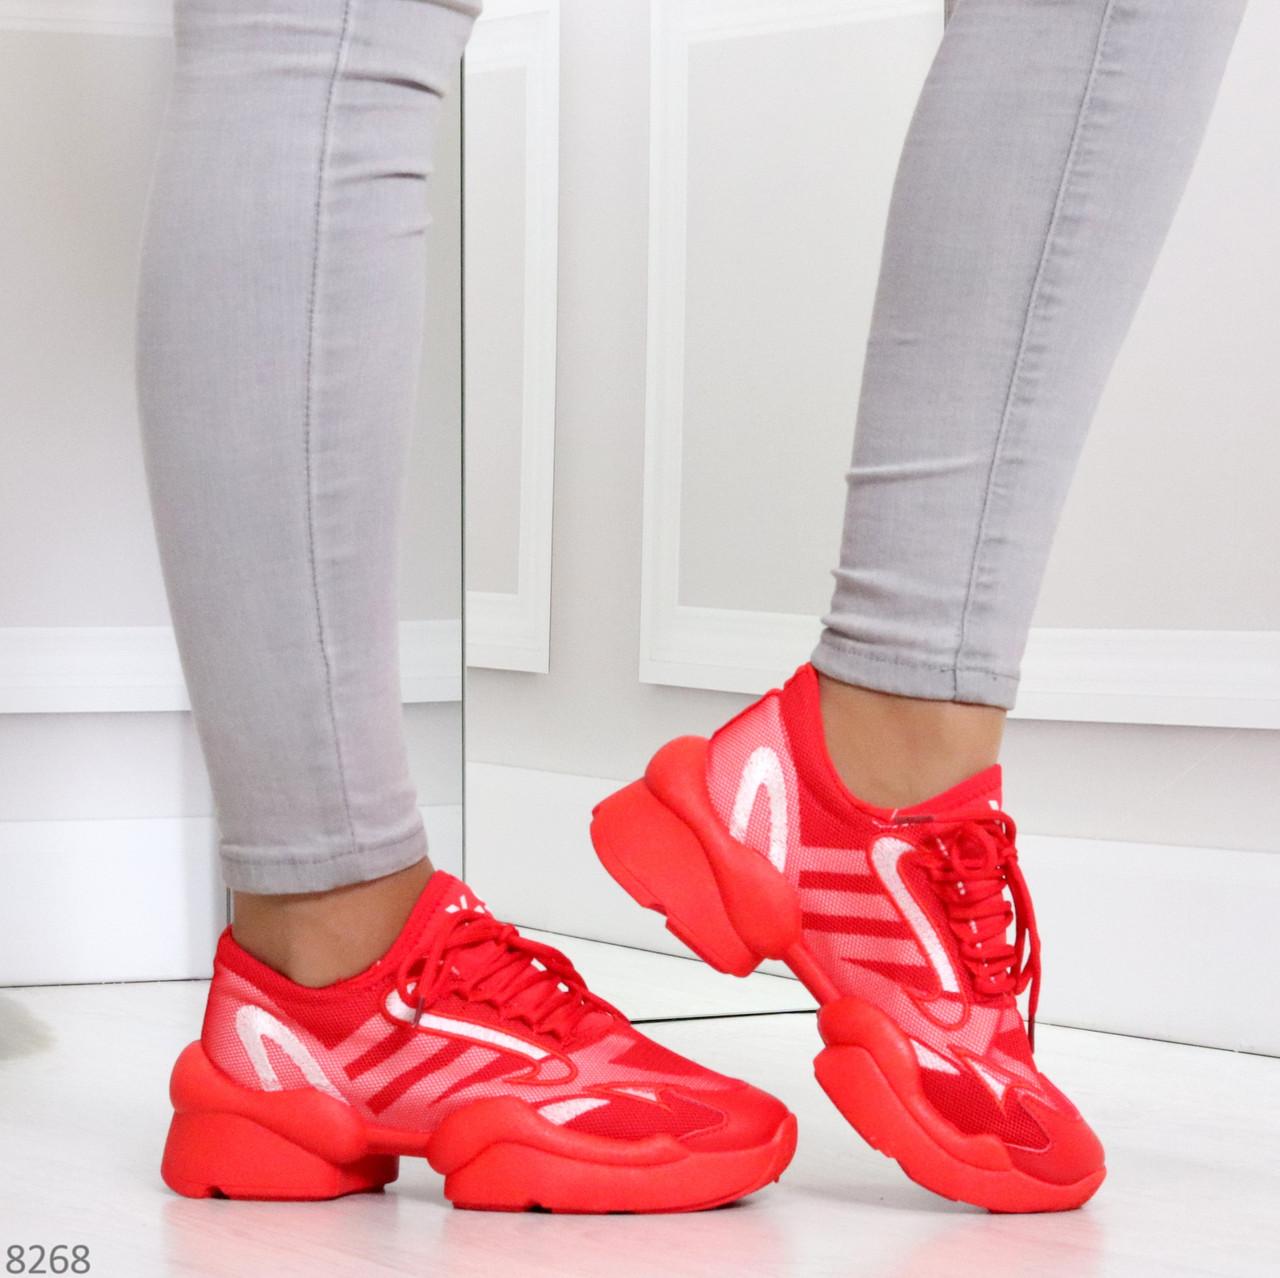 Яркие повседневные текстильные красные женские кроссовки на шнуровке